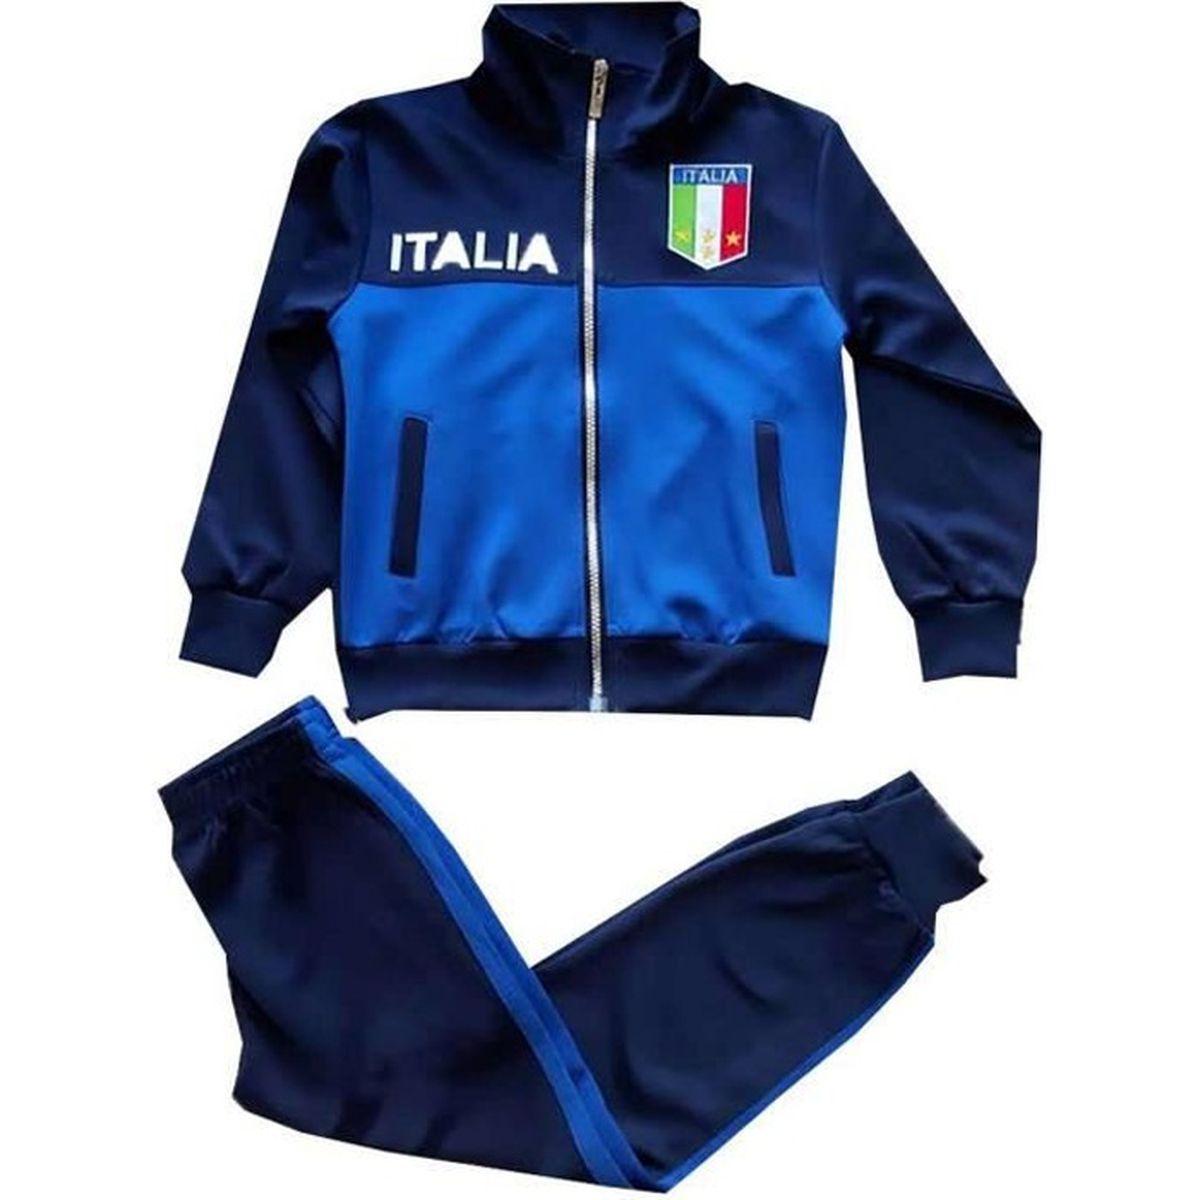 Survetement italie - Achat / Vente pas cher